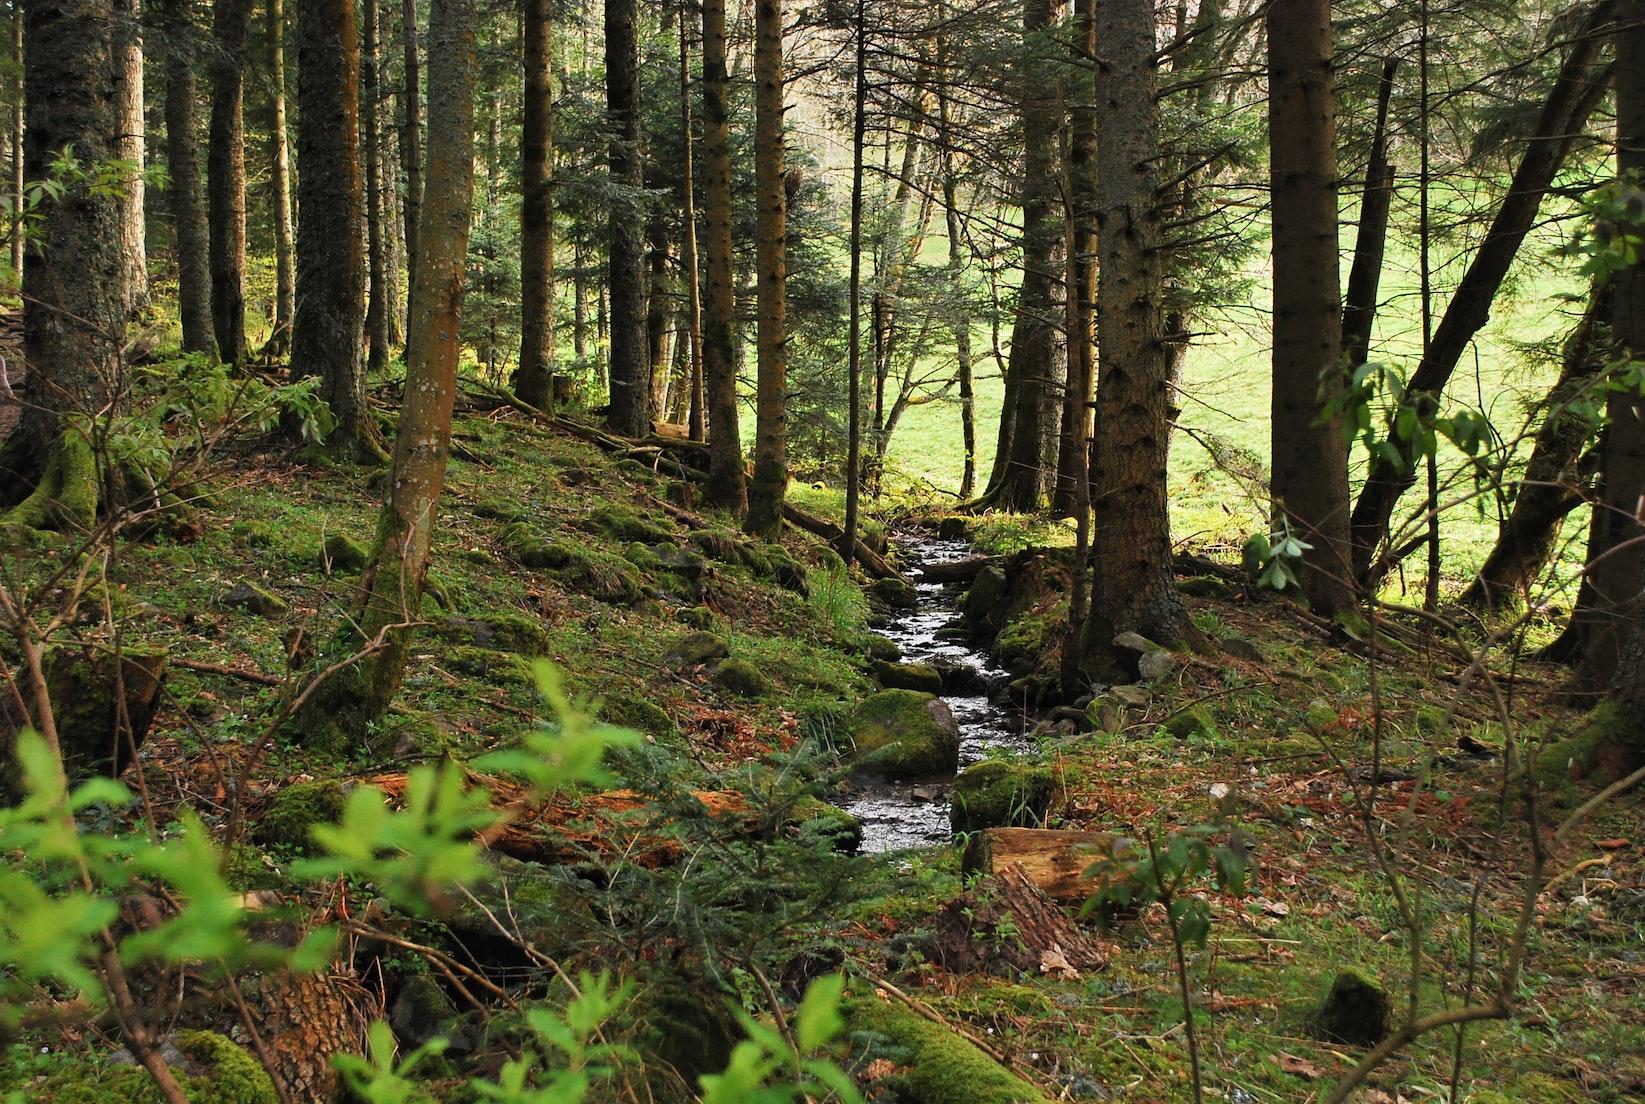 Abflussbildung im Wald - ein Teil des Wasserkreilaufes